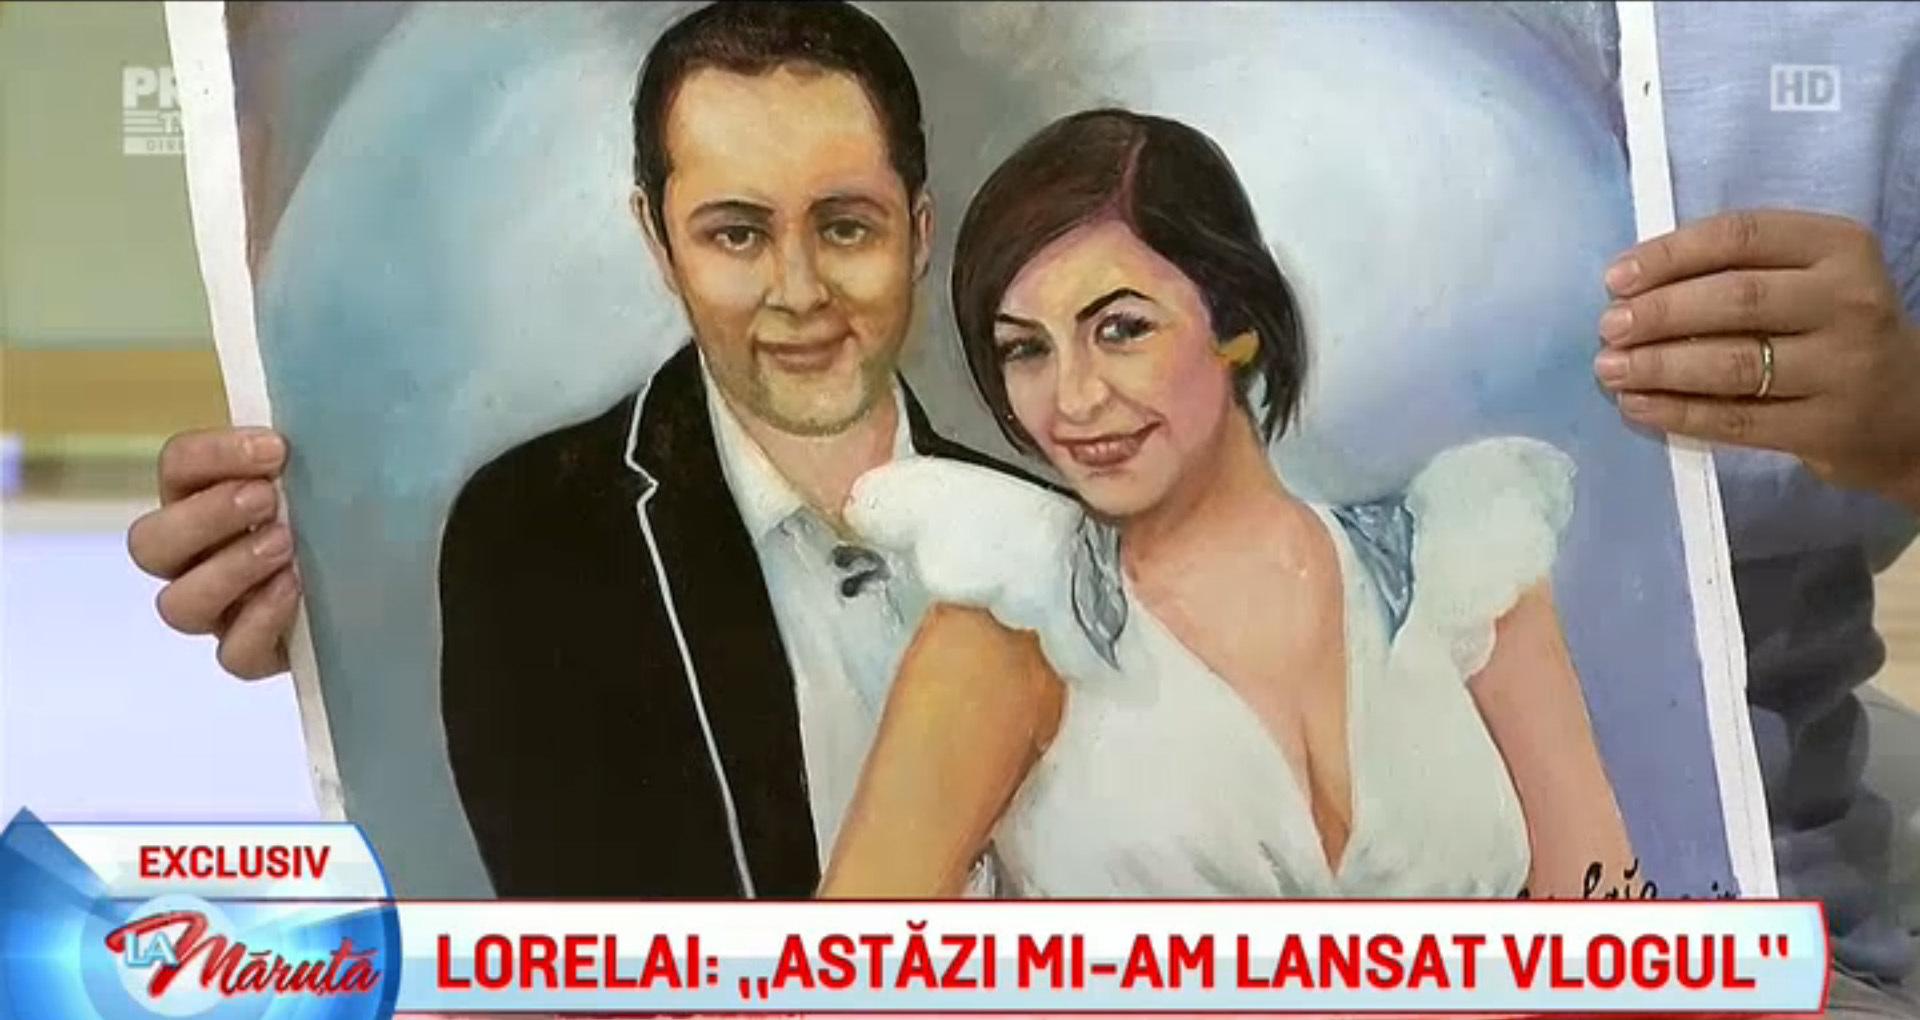 Lorelai i-a dăruit lui Cătălin Măruţă un tablou ce îi înfăţişează pe realizatorul TV şi pe soţia acestuia, Andra